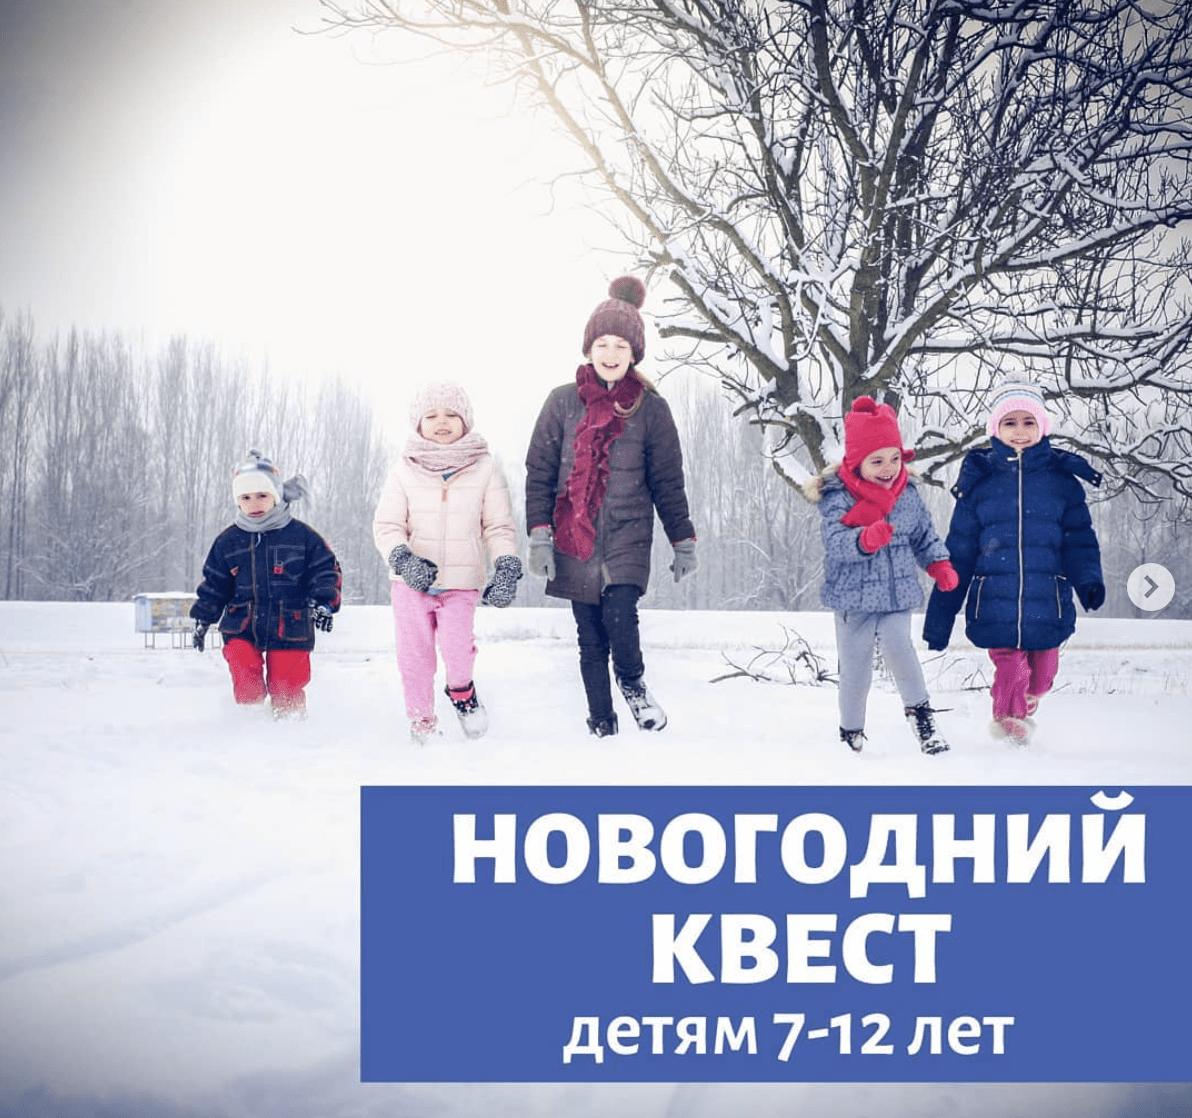 Новогодний квест детям 7-12 лет